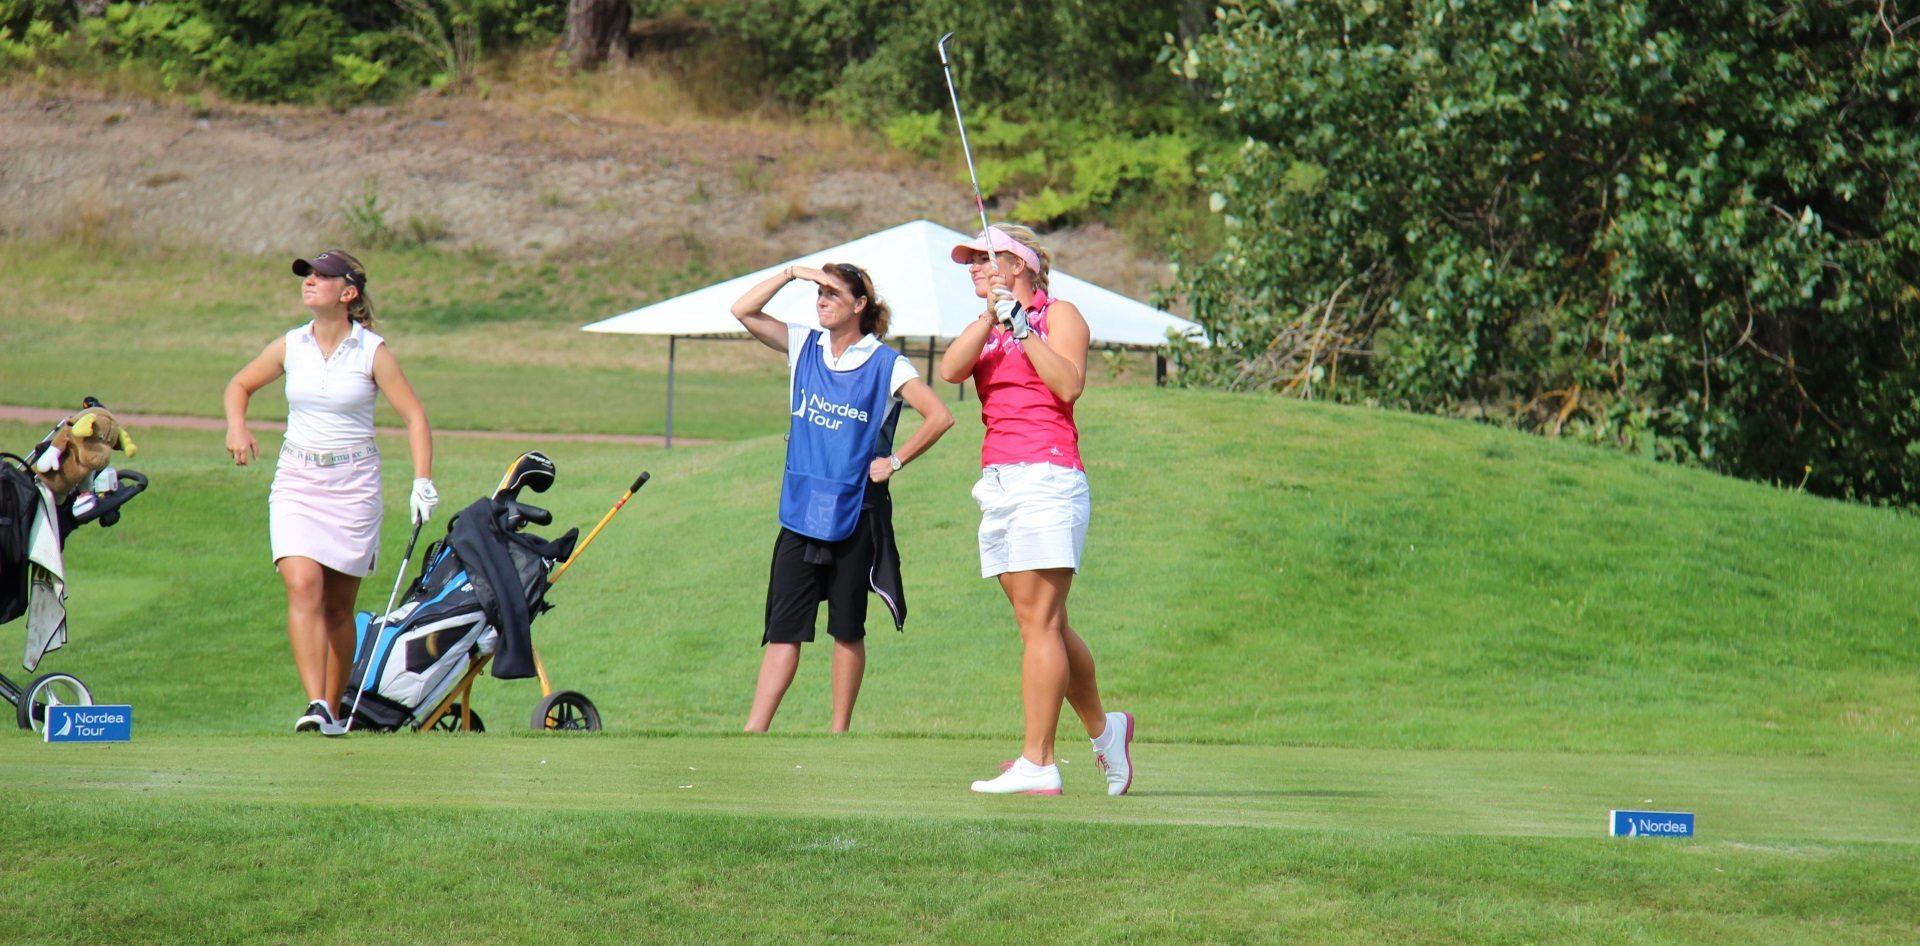 grupp som spelar golf